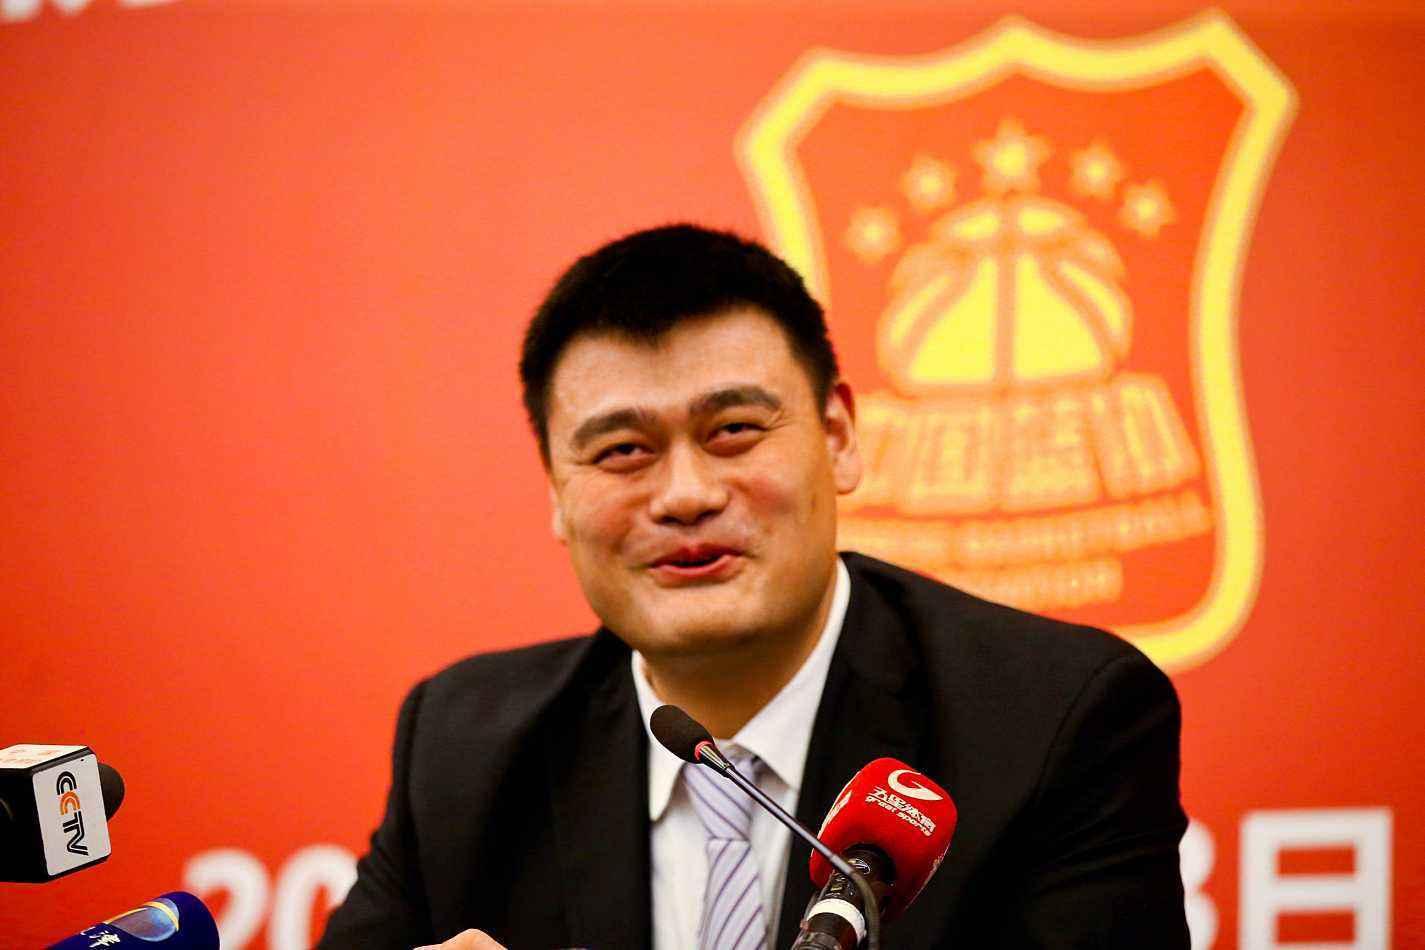 中国体育报:CBA启动管办分离后人才流动明显加快